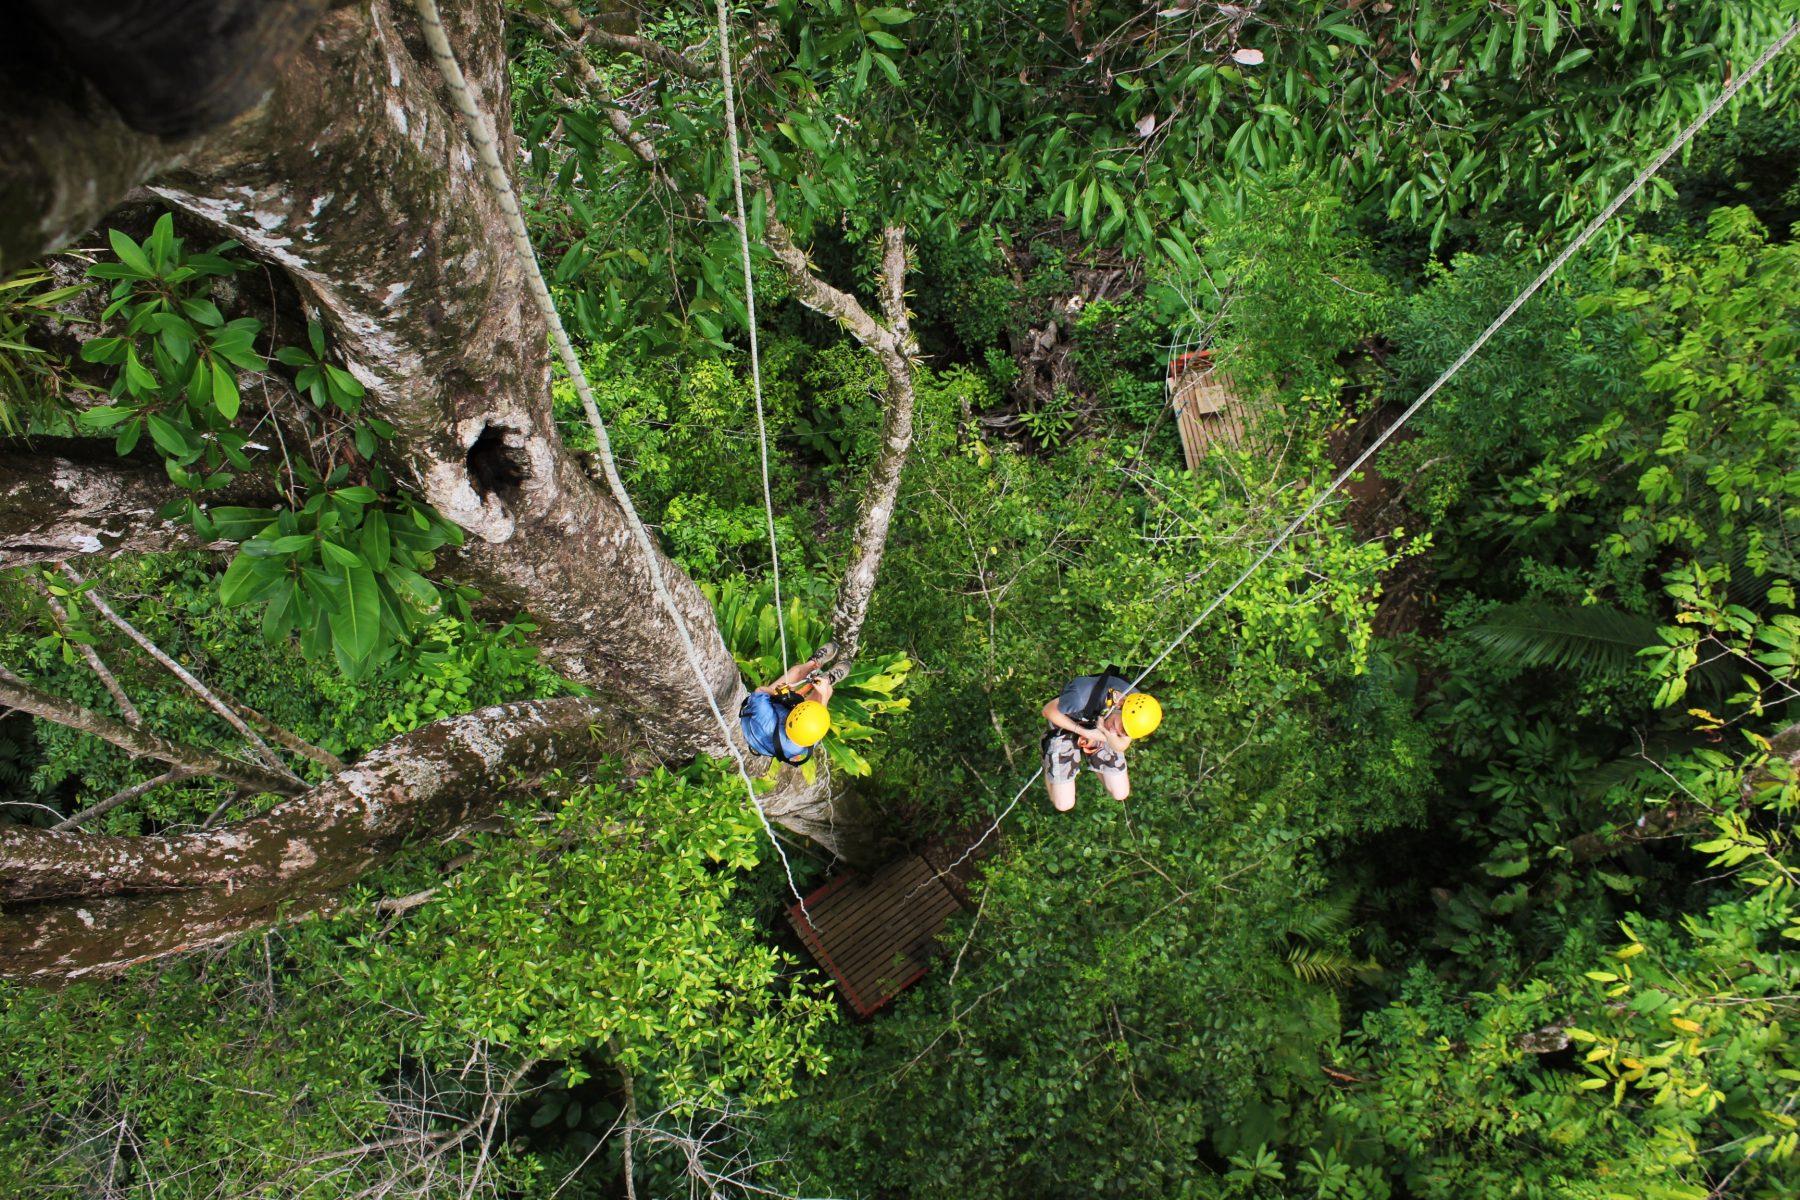 Hacienda Baru Stay In Costa Rica S Rainforest